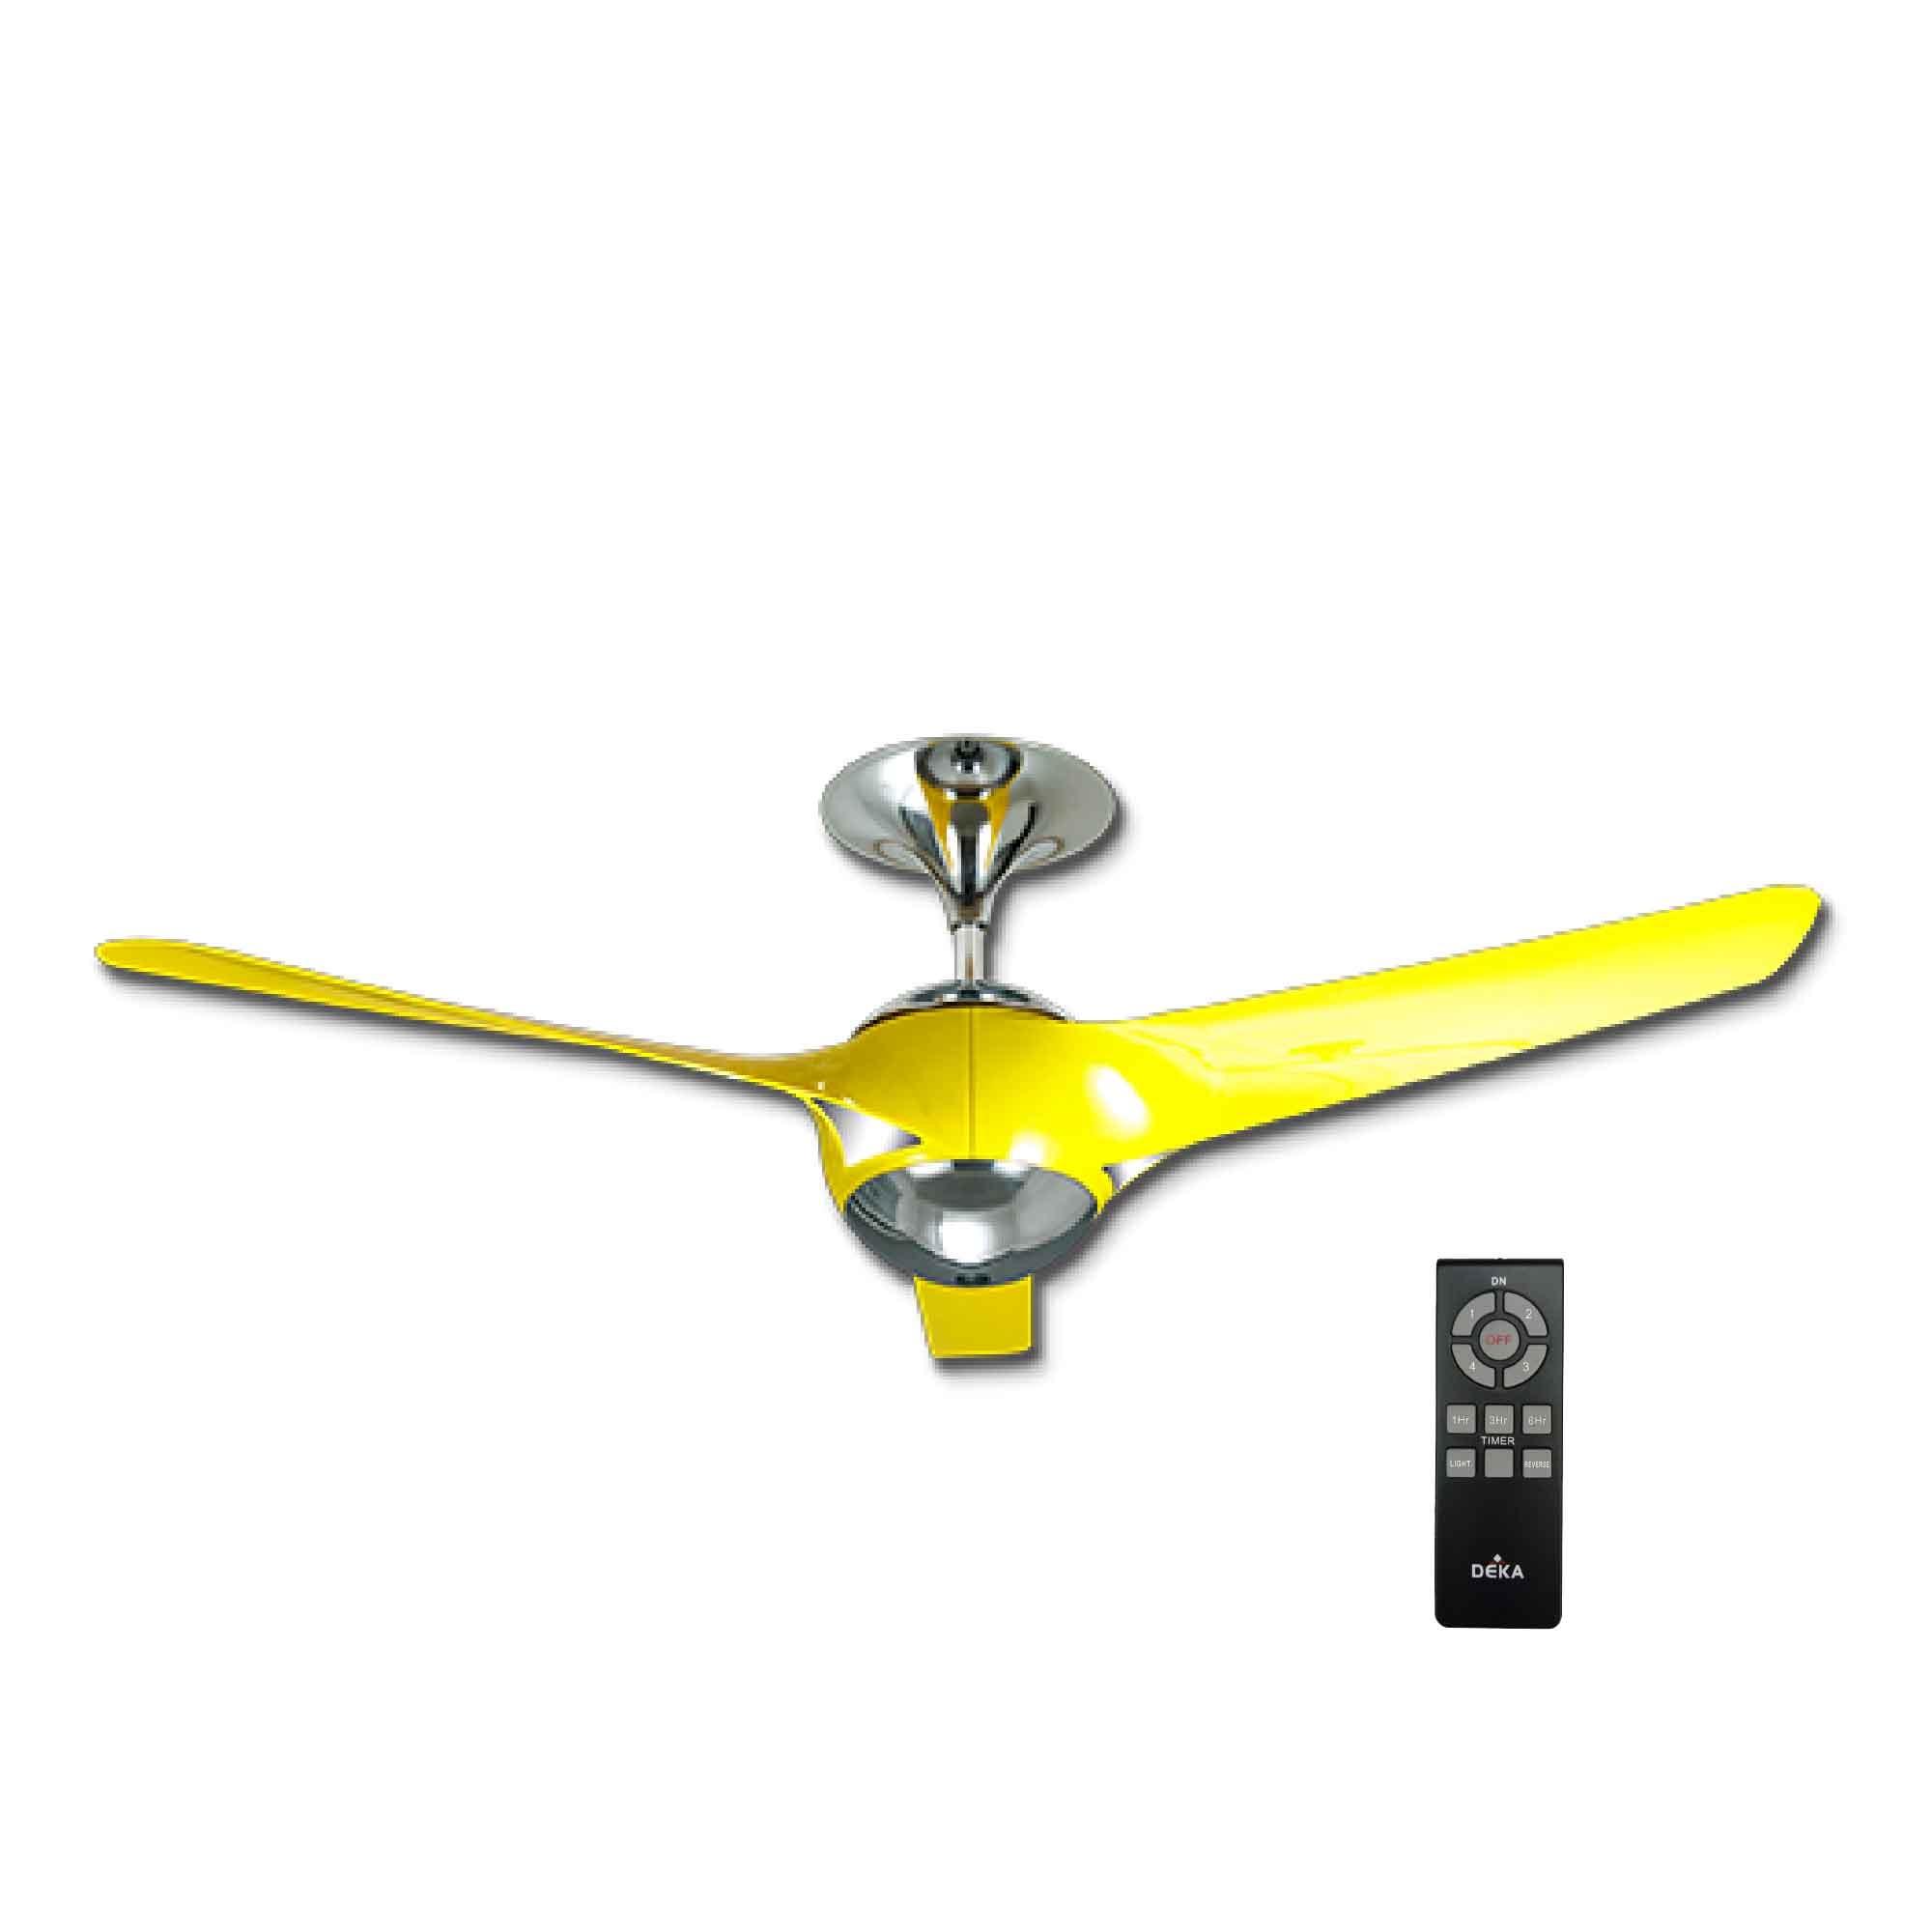 Deka Ceiling Fan Ev3 56 Aerodynamic Blades Design